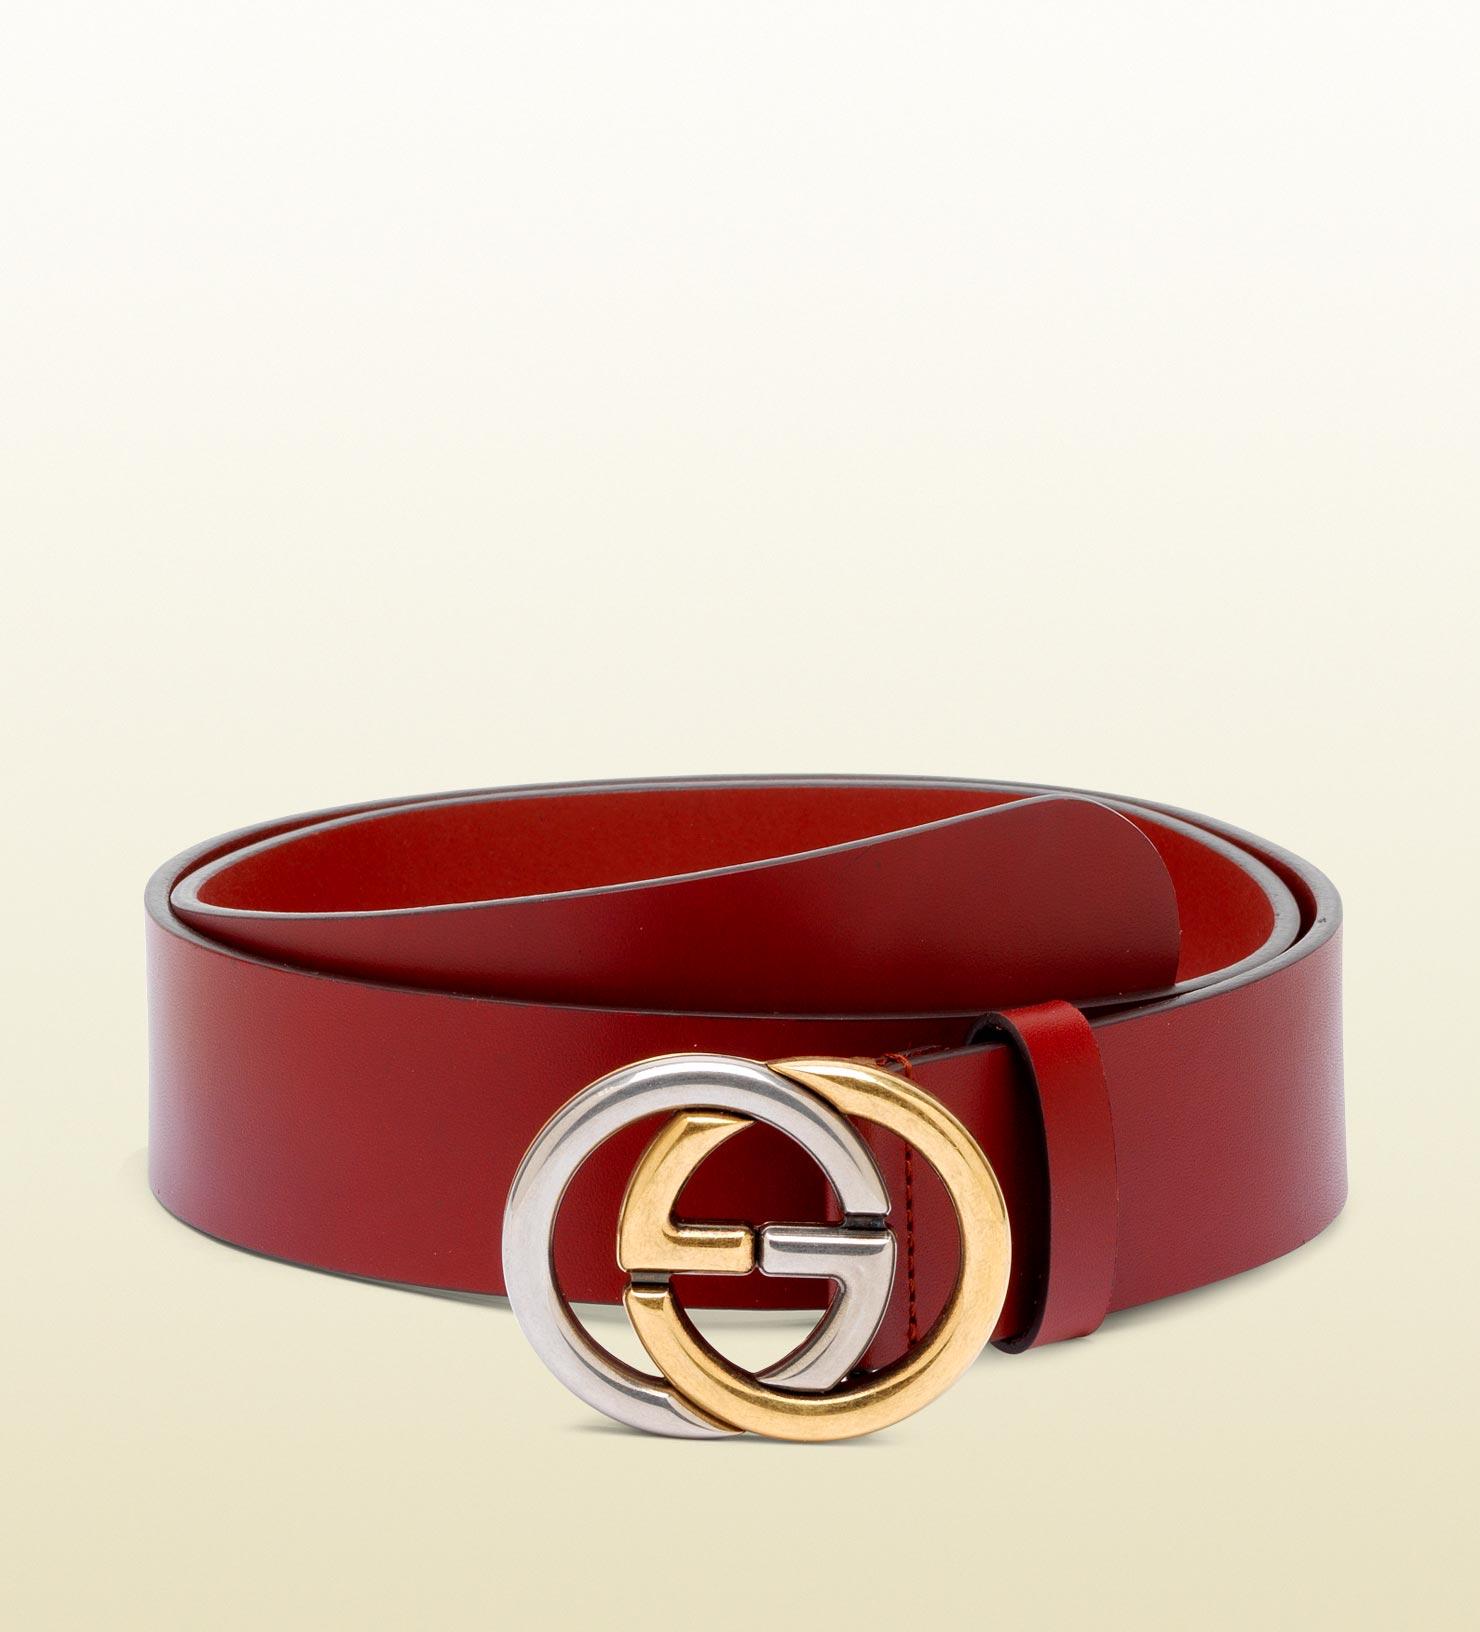 Black Red and Green Gucci Belt | Red Gucci Belt | Mcm Belt Men